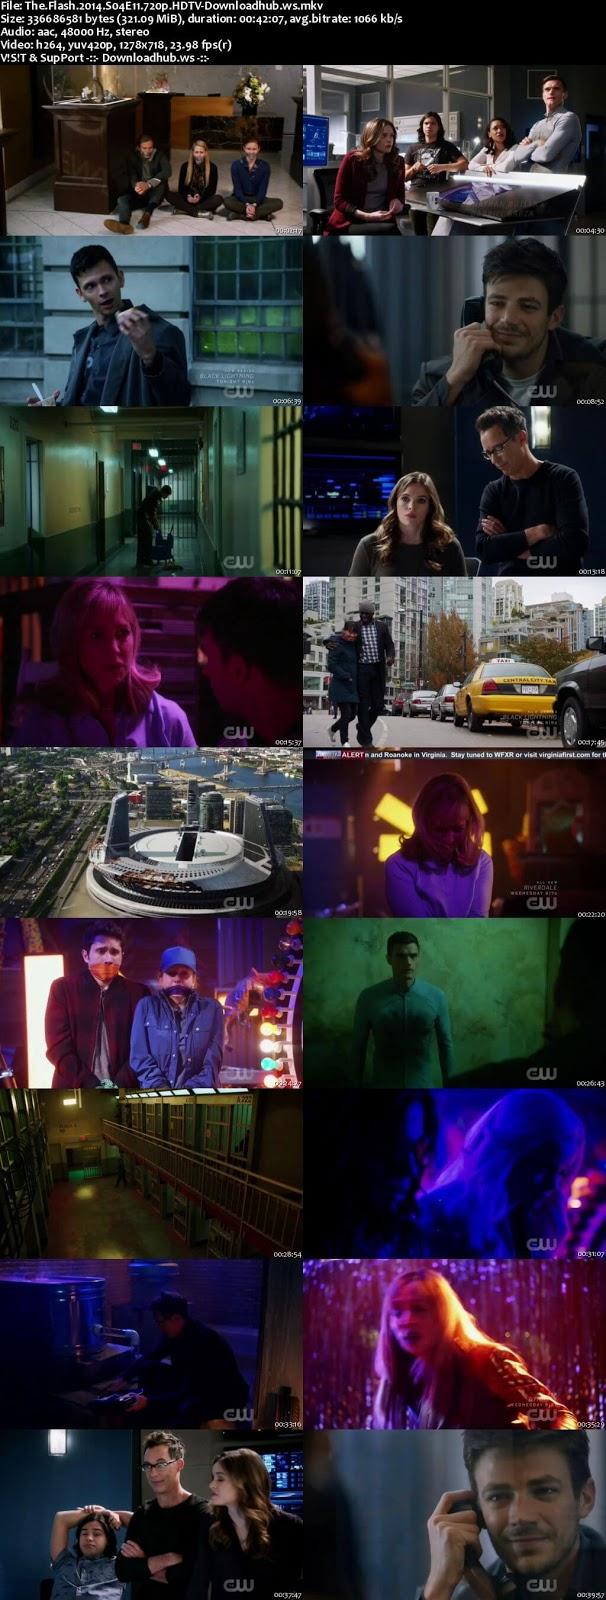 The Flash S04E11 320MB HDTV 720p x264